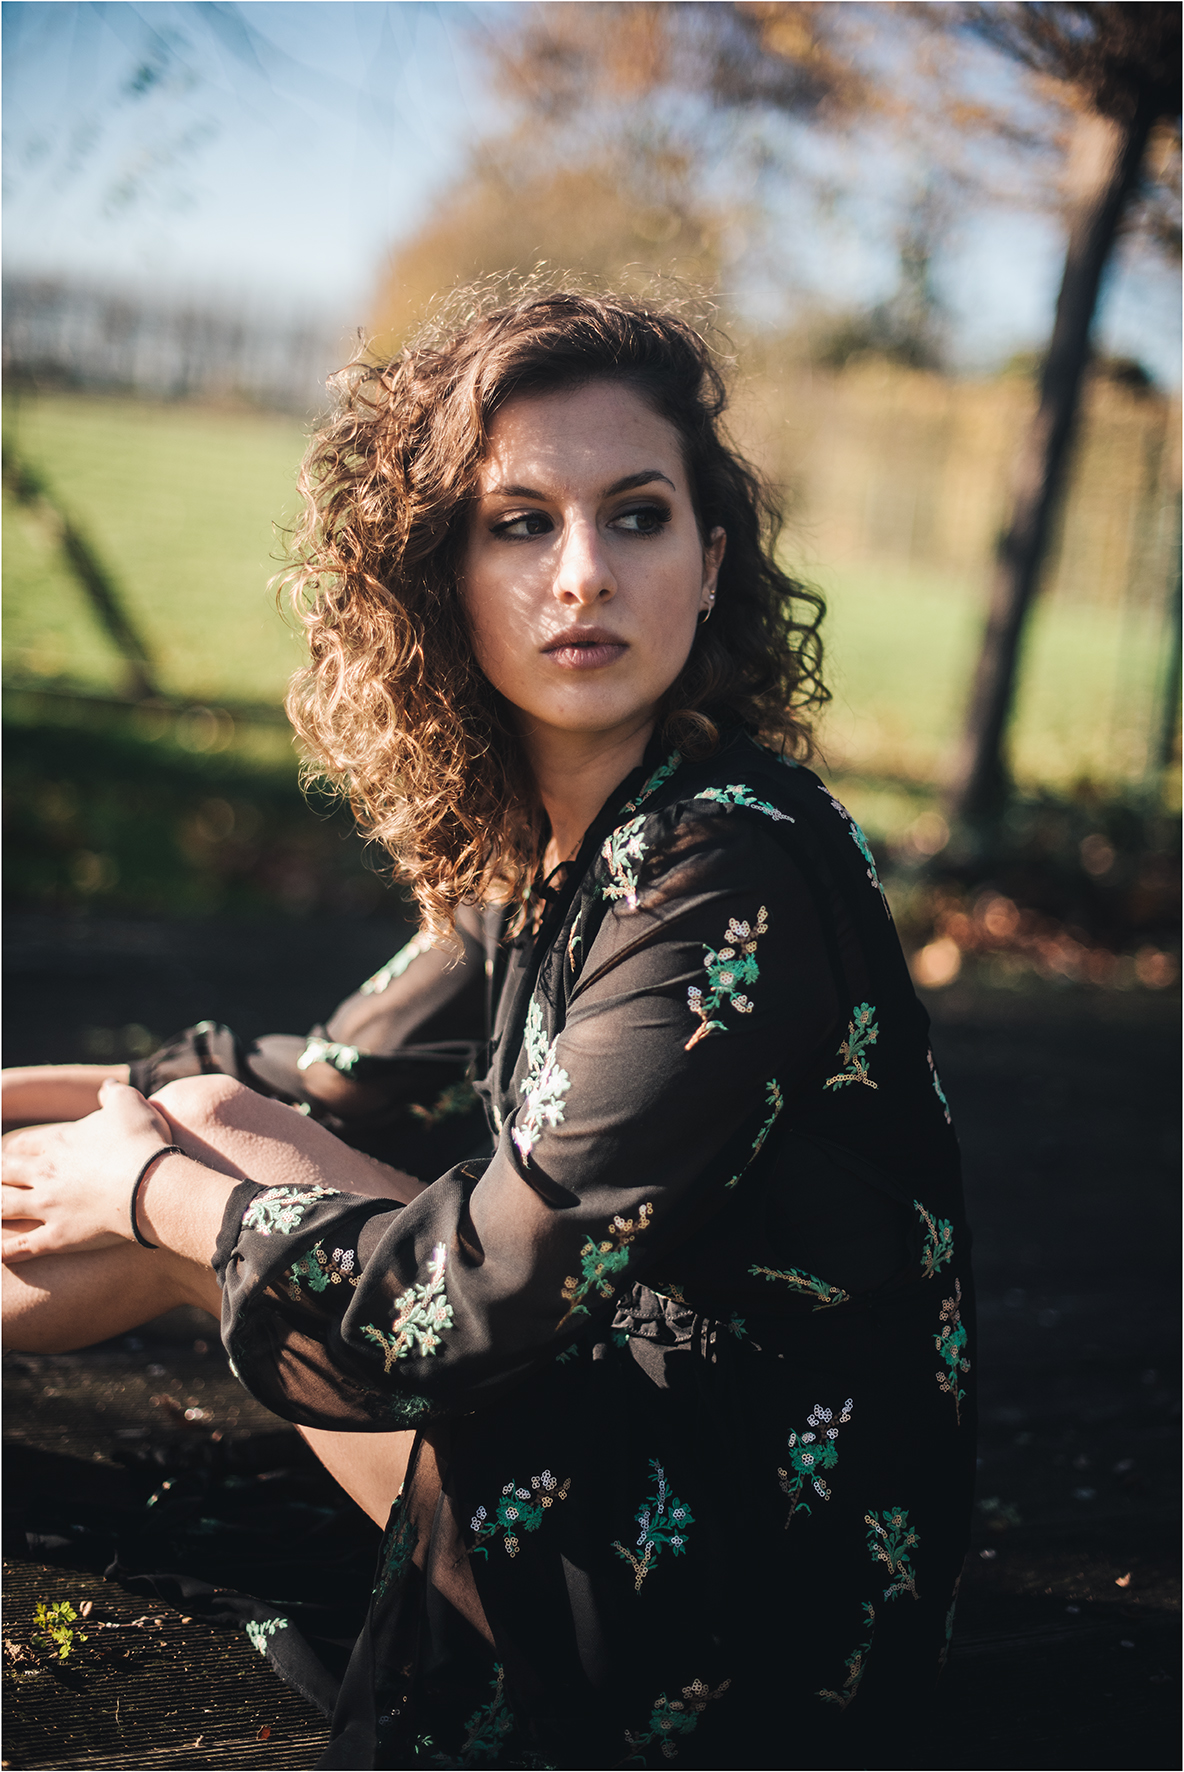 Sofie De Schryver